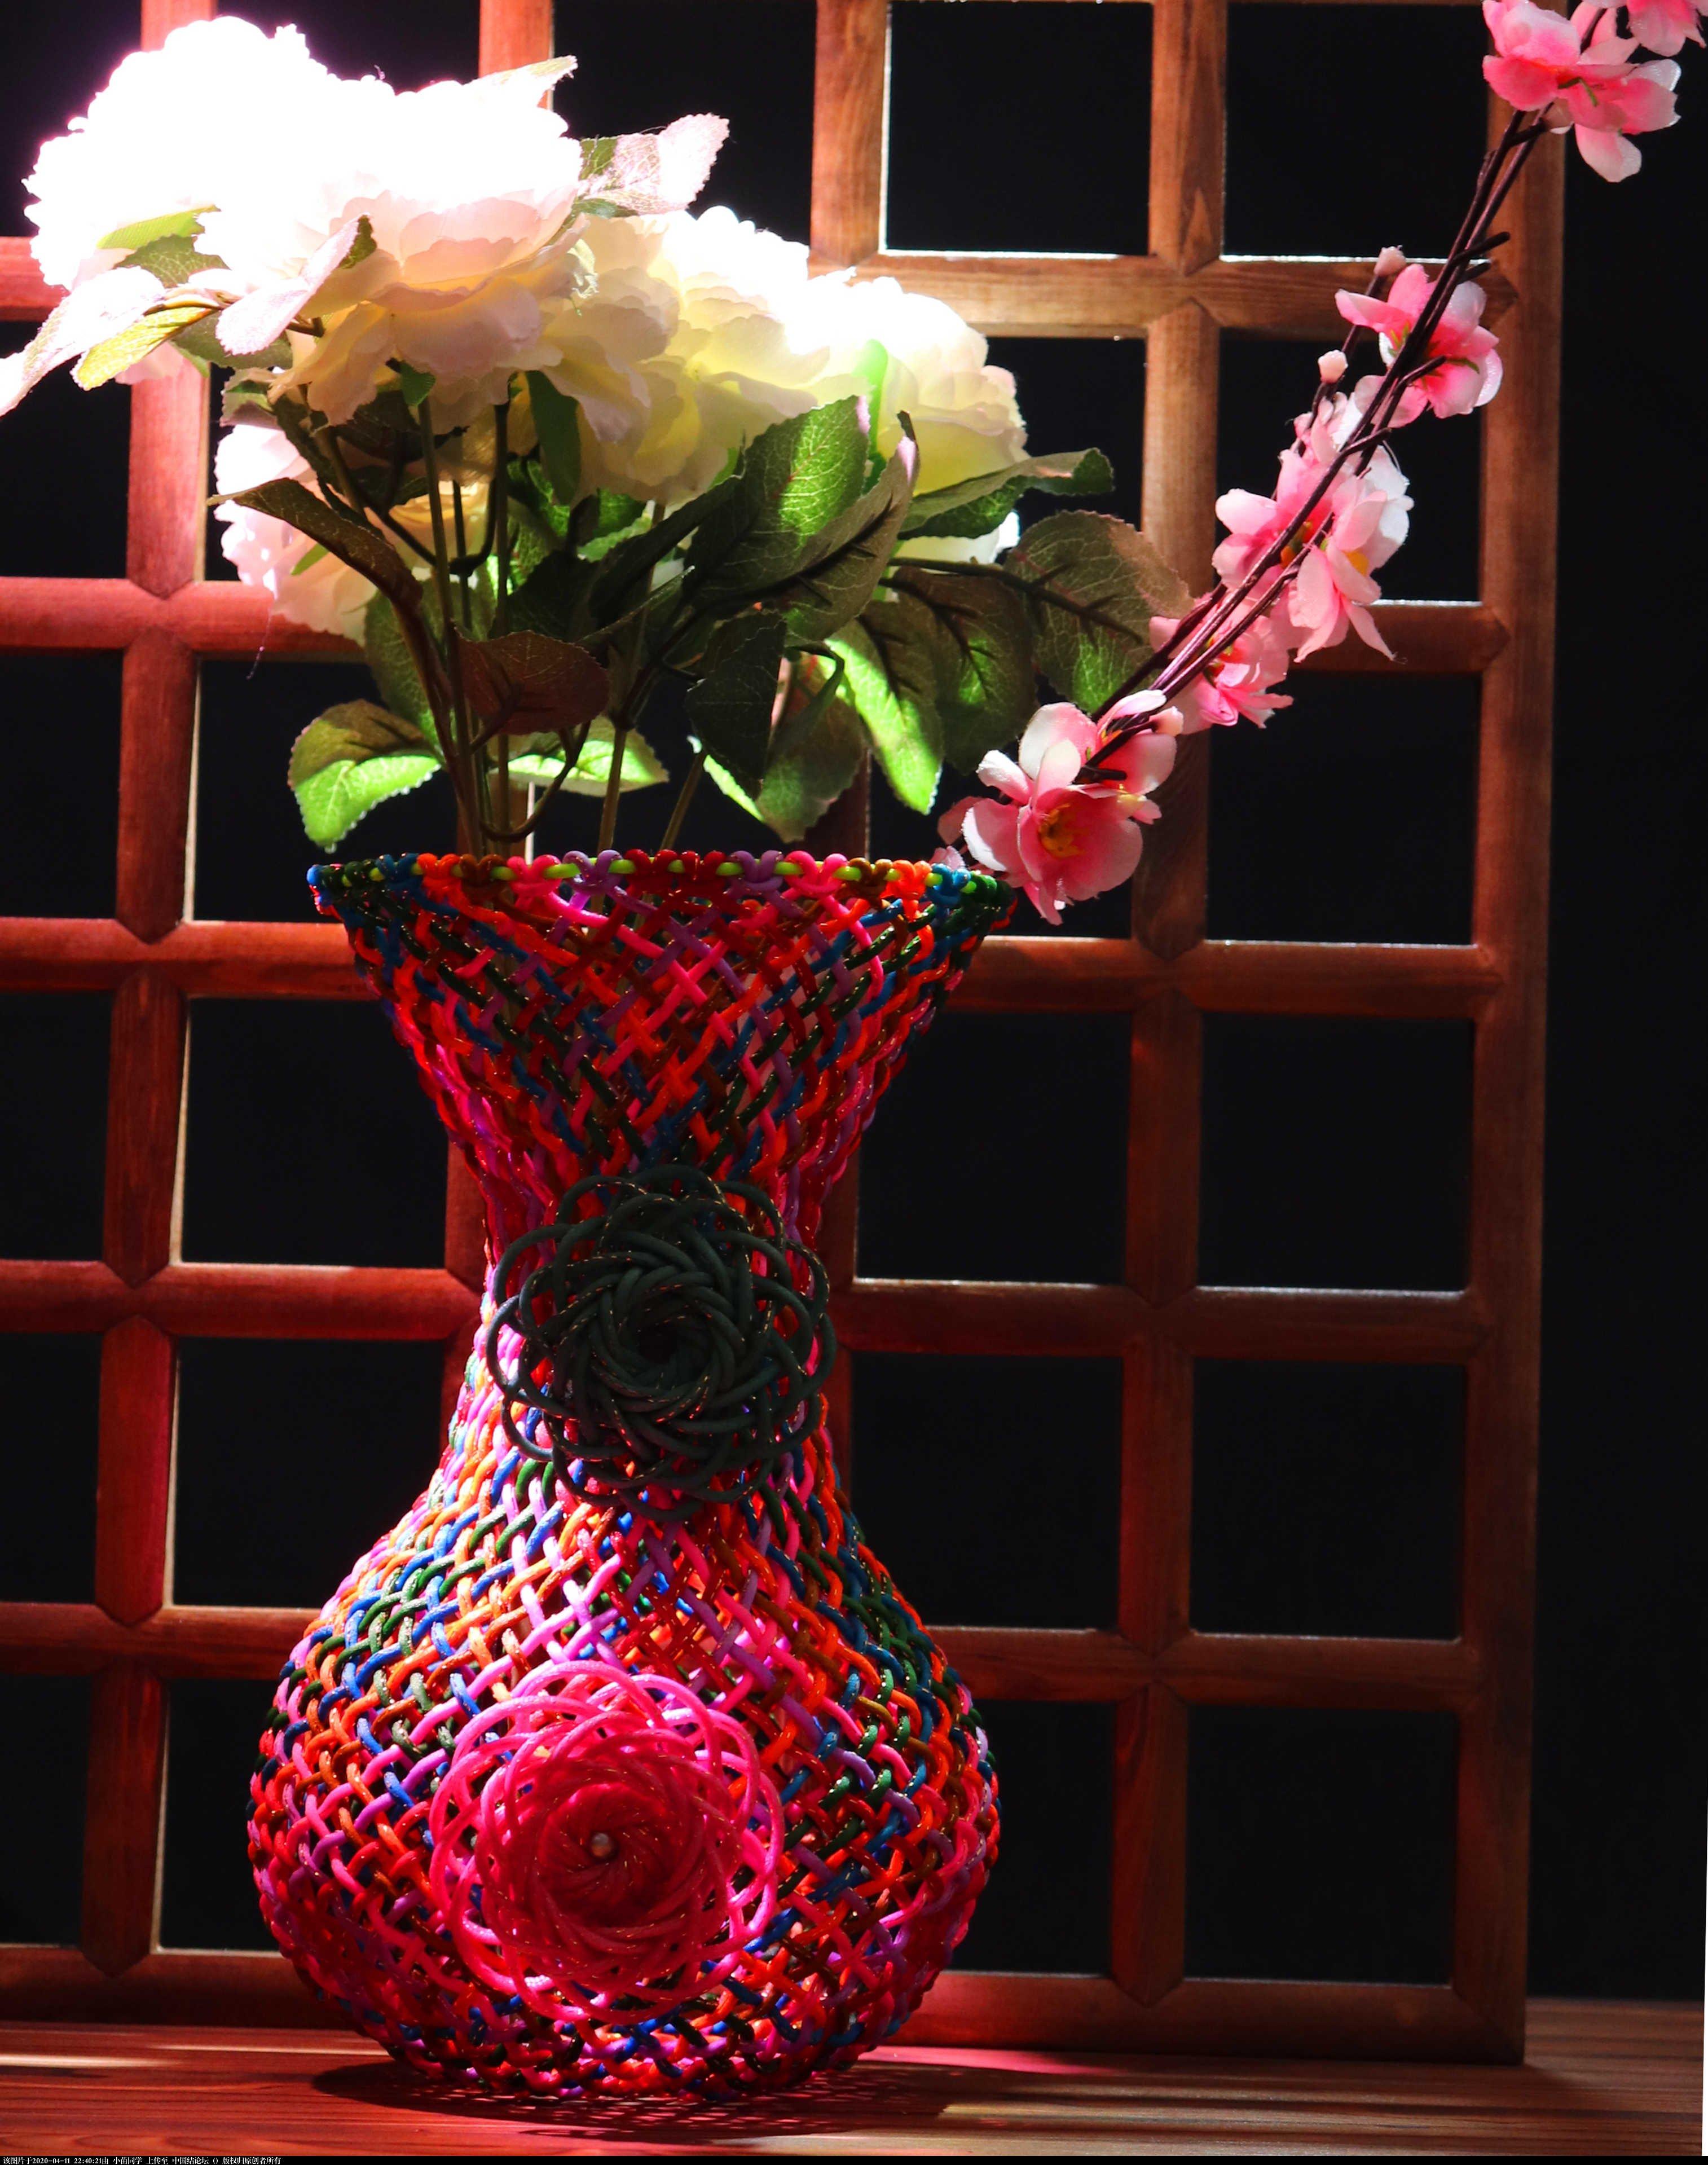 中国结论坛 七彩花瓶 大班美术《城堡》教案,大班美术教案七彩花瓶,大班美术教案《瓢虫》,七彩花瓶桂花的那种,美术《爆米花》教案 作品展示 223920kdbvfjidgygeyn74